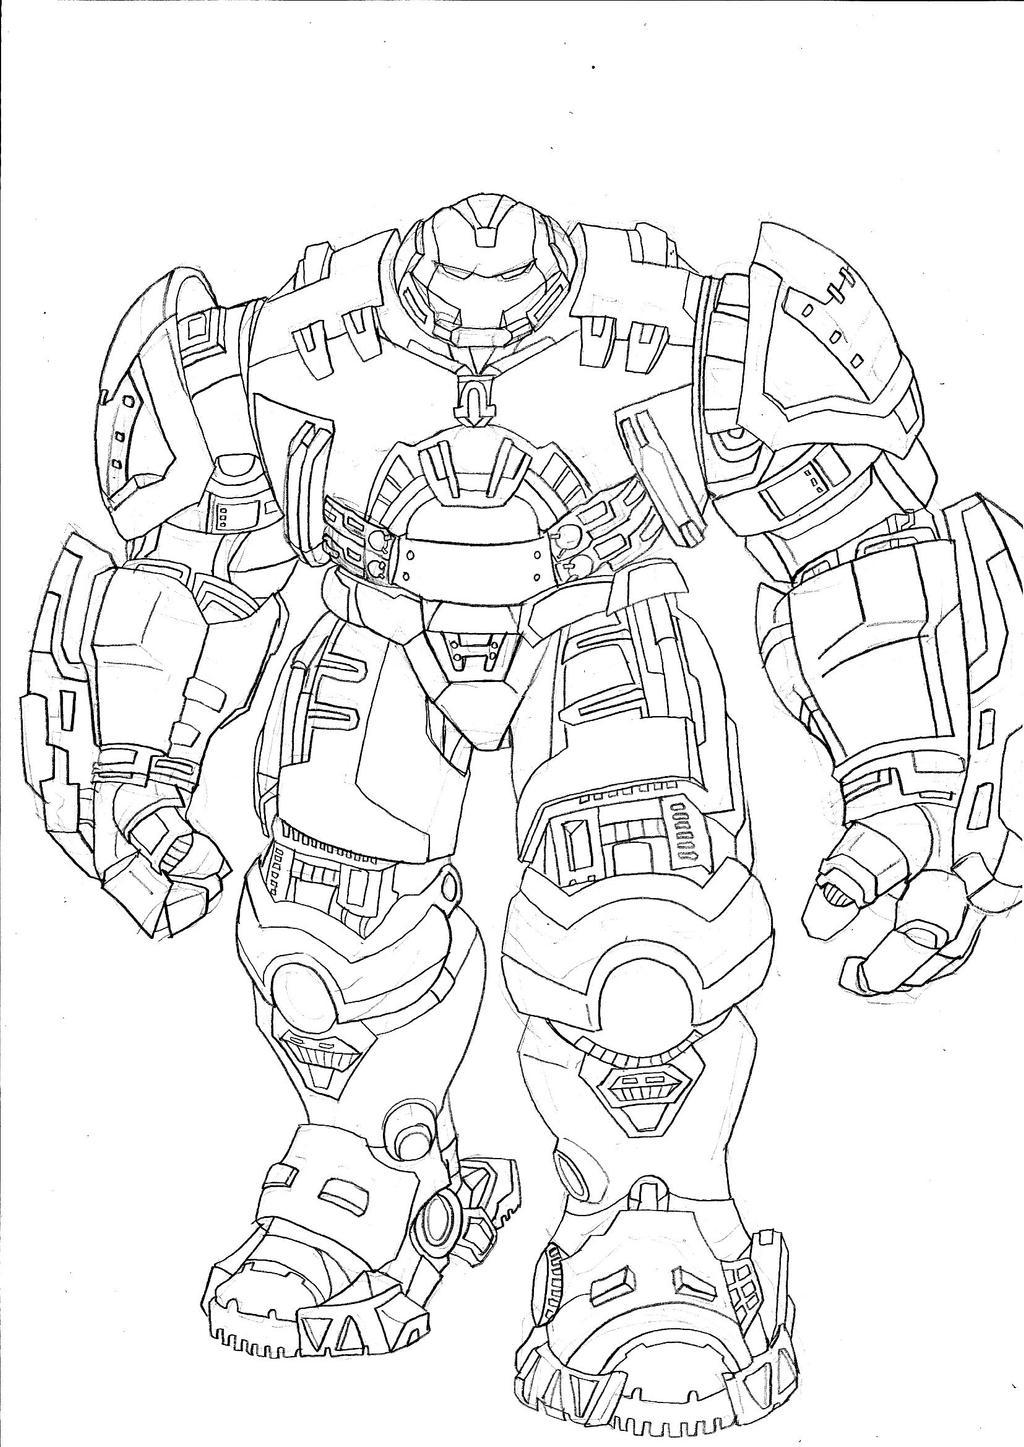 Iron Man Hulkbuster Vs Hulk Coloring Pages Sketch Coloring ...